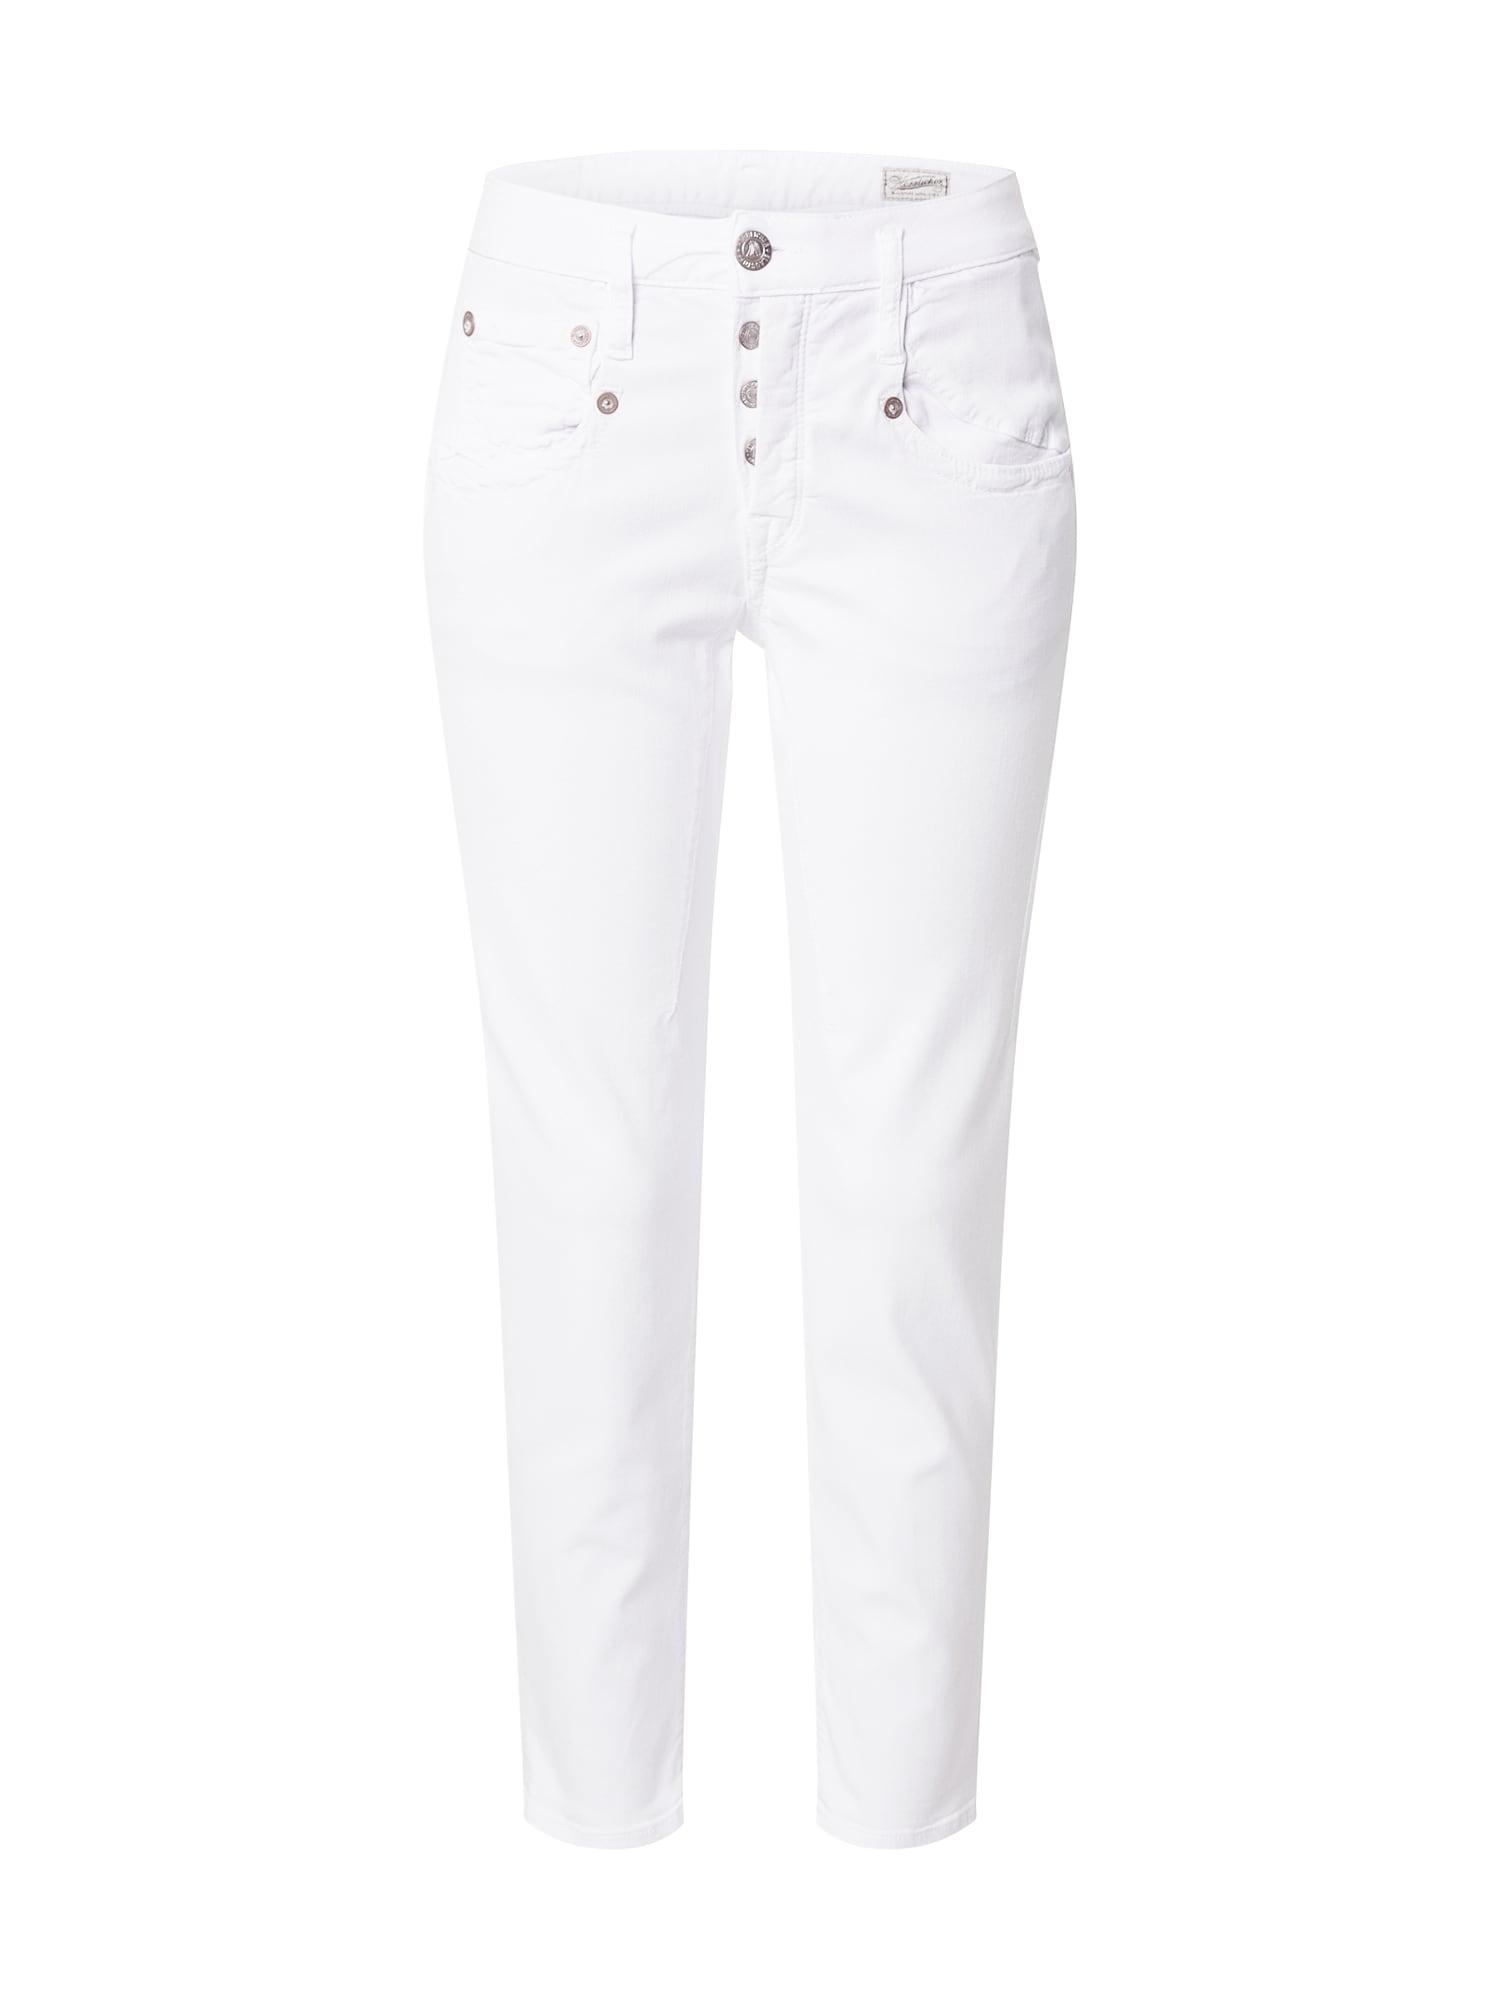 Herrlicher Jean  - Blanc - Taille: 26 - female